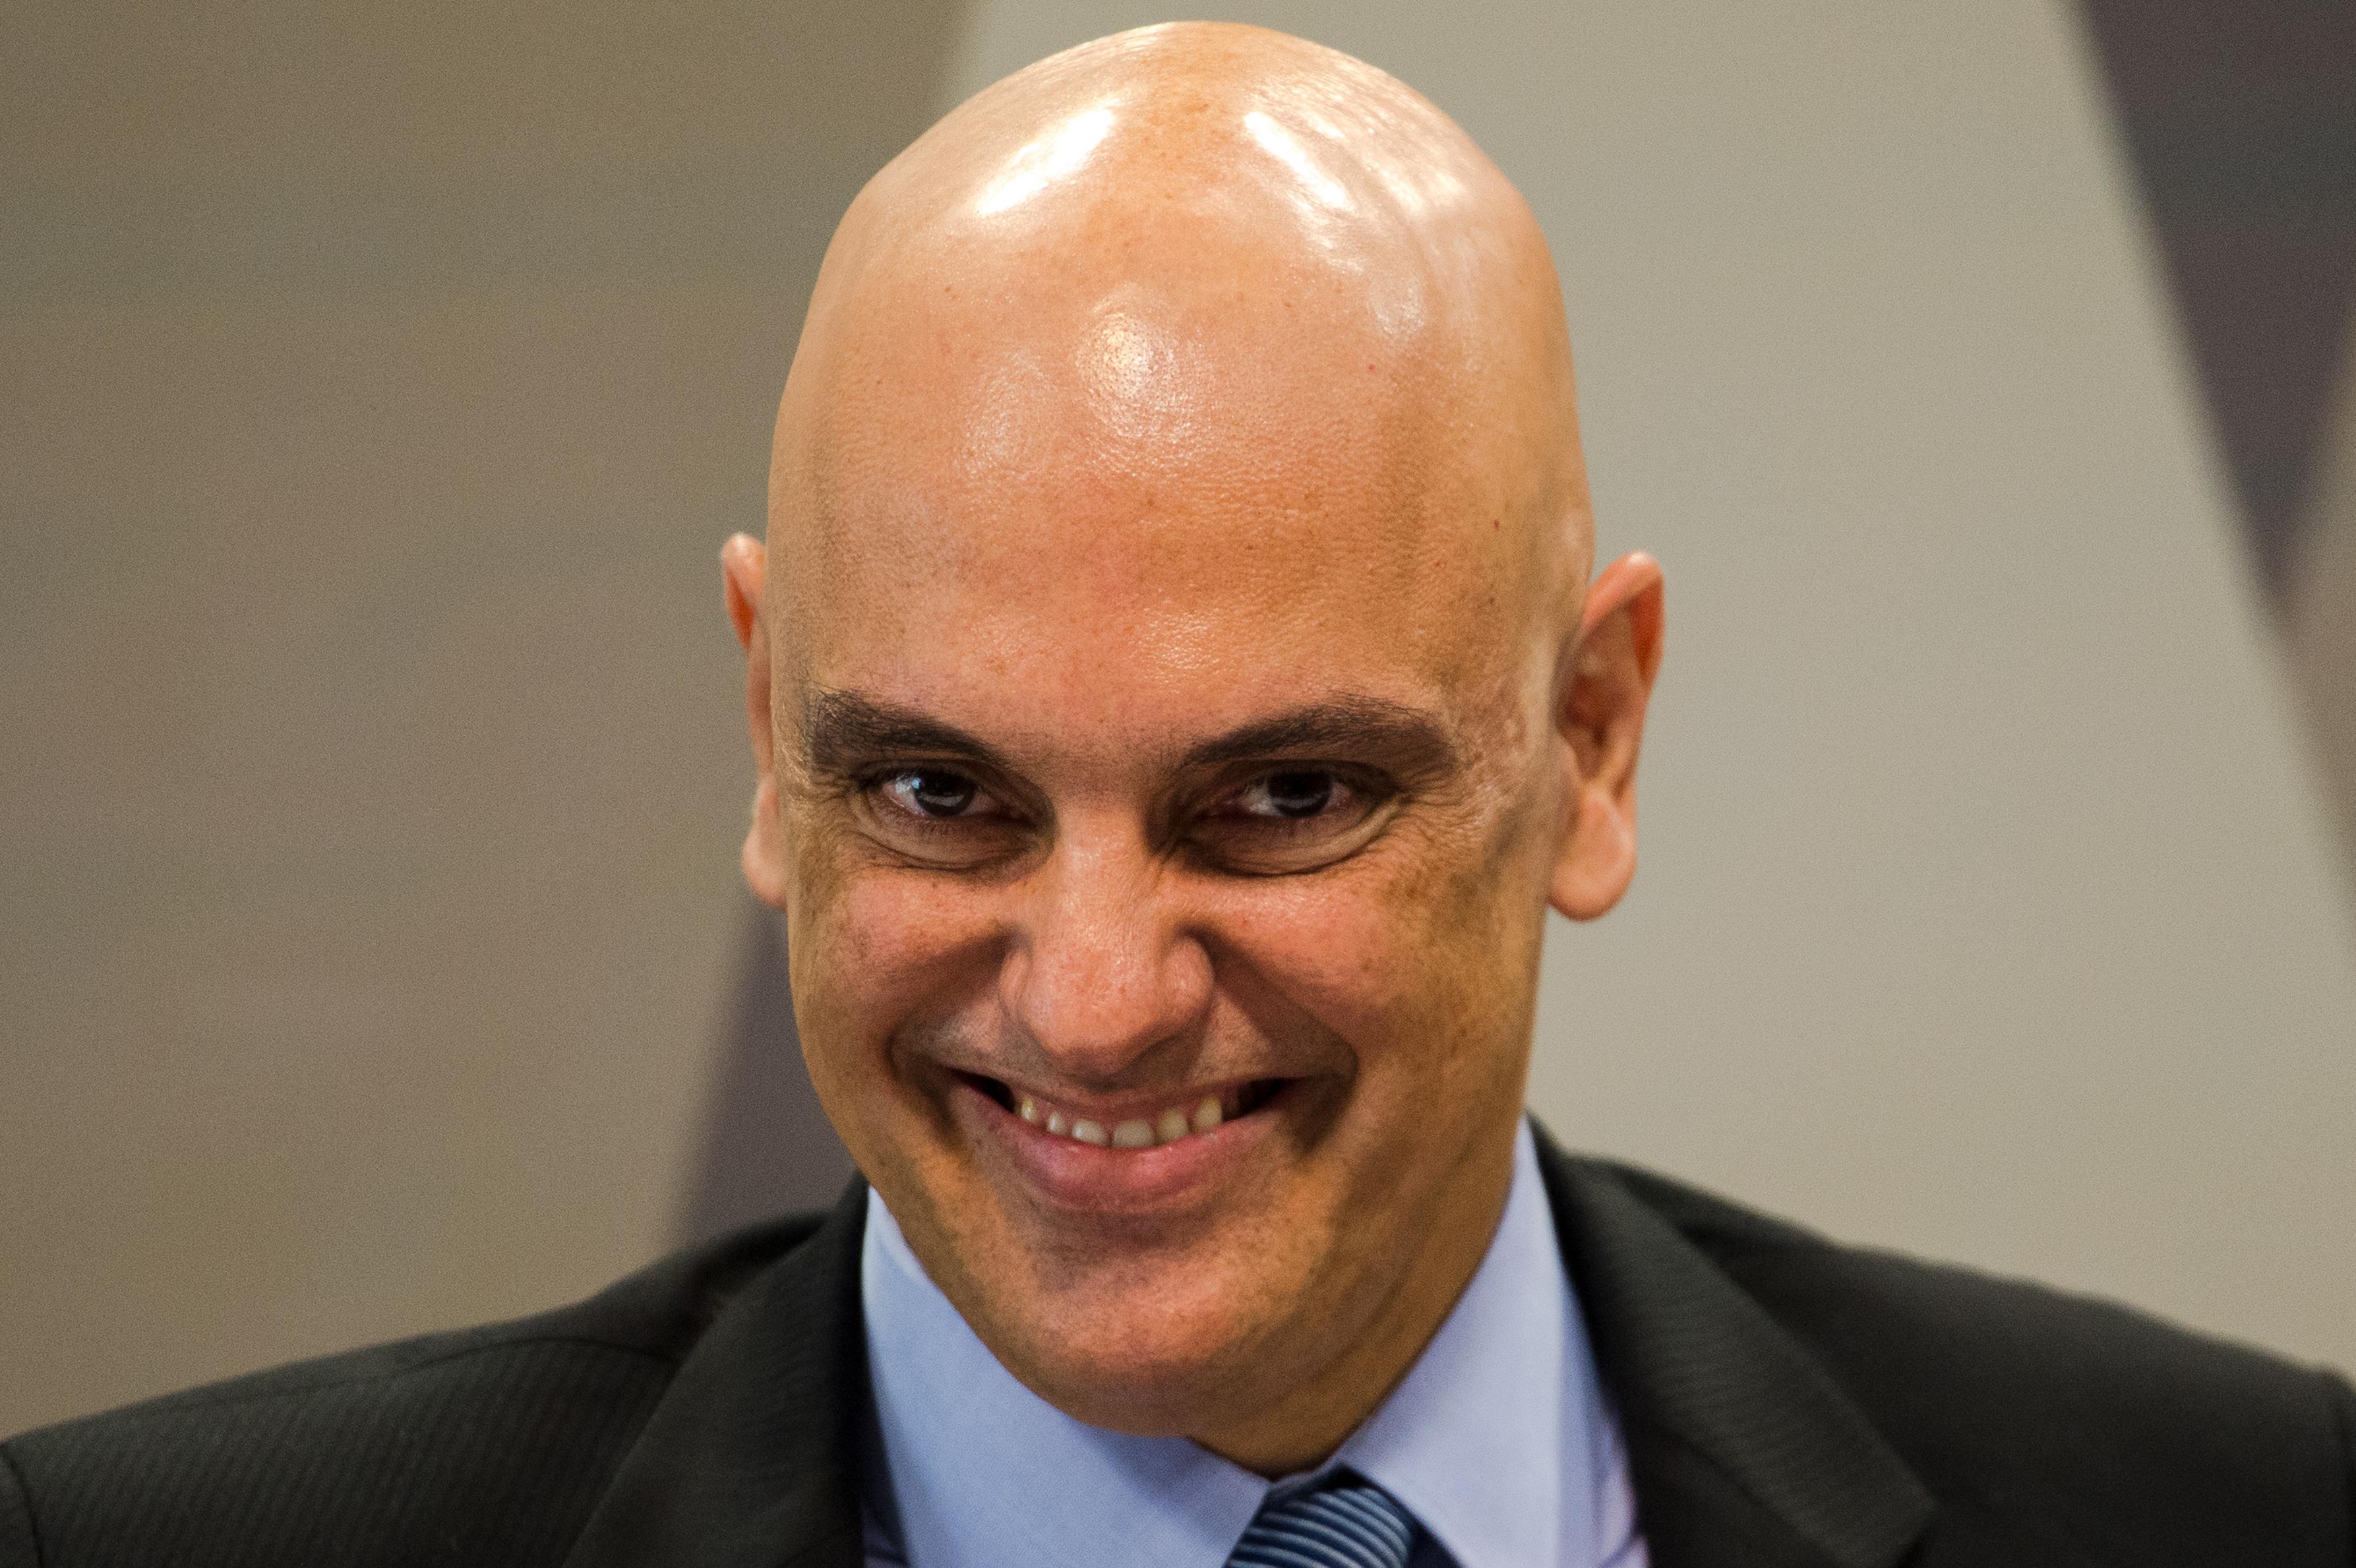 Saiba quem é Alexandre de Moraes, novo ministro do STF | Agência Brasil